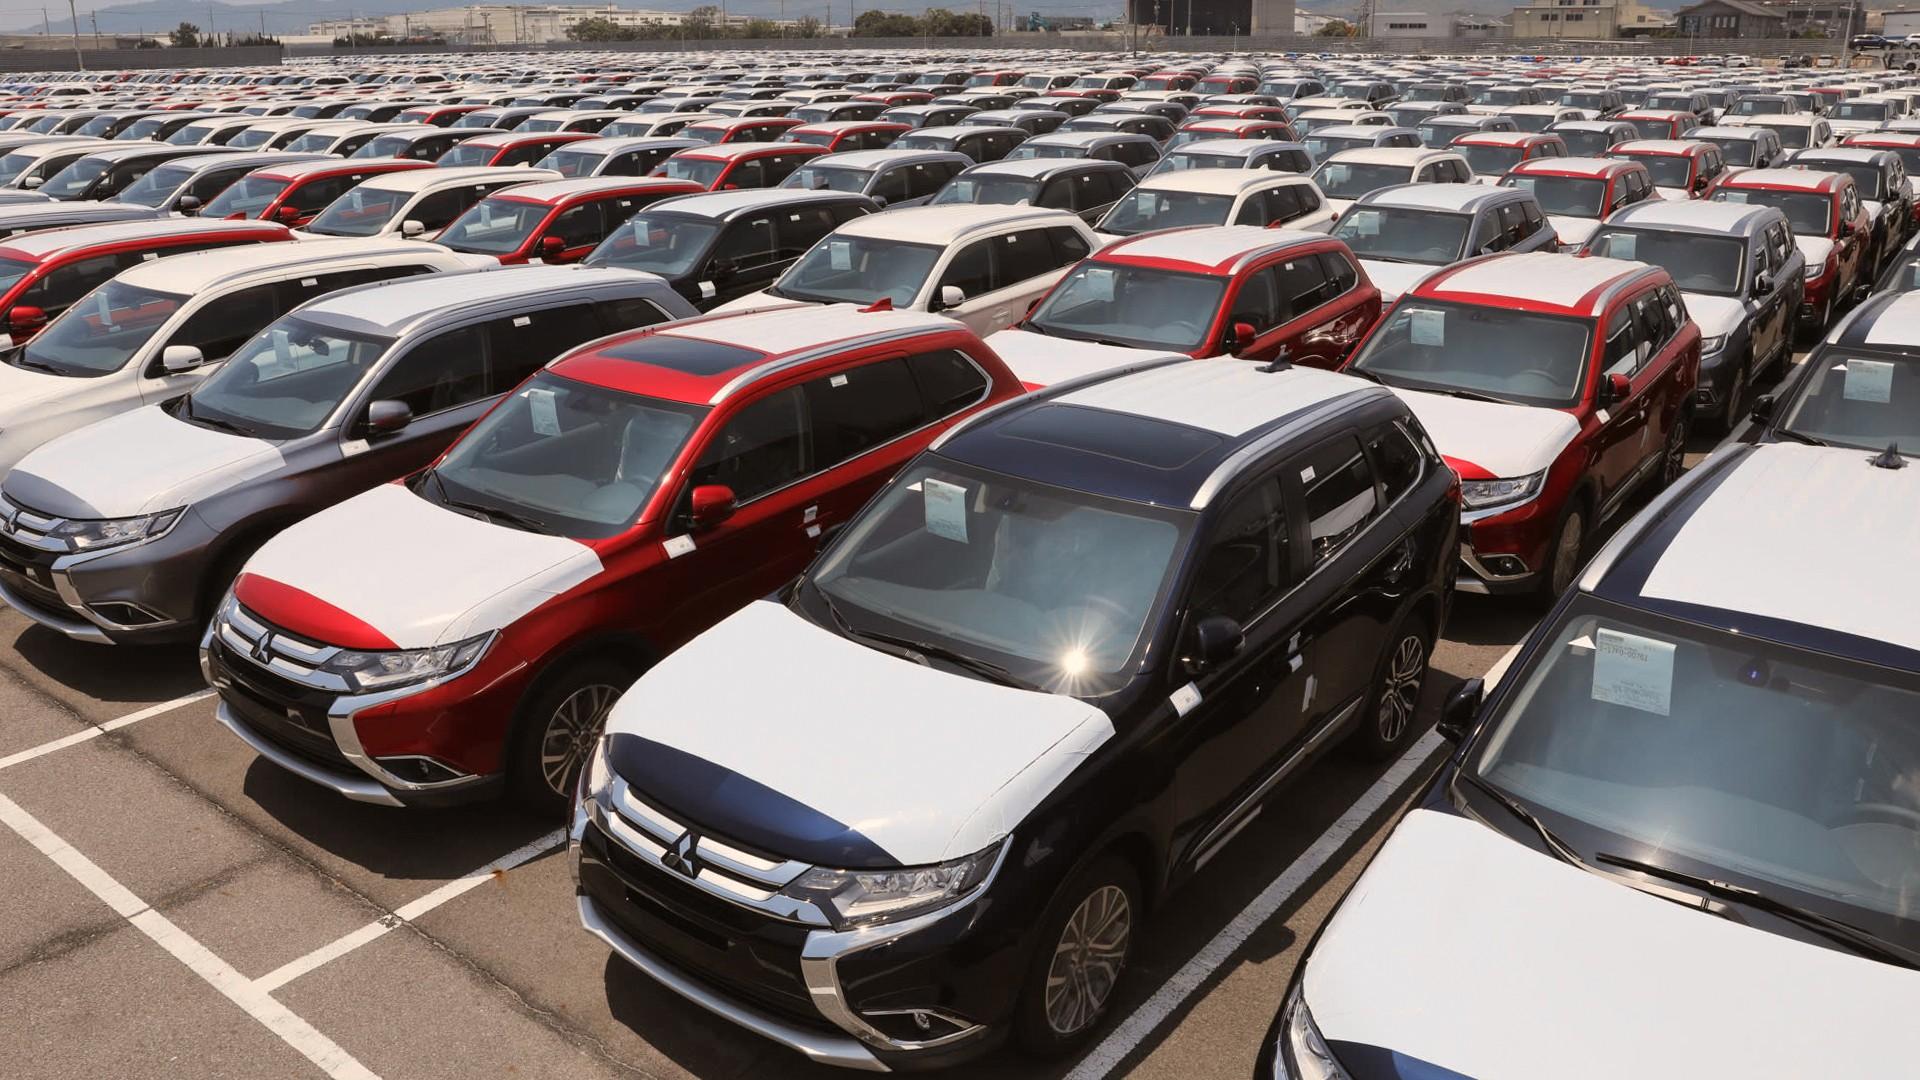 پیشخریداران خودروهای وارداتی تکلیف شان چیست!؟